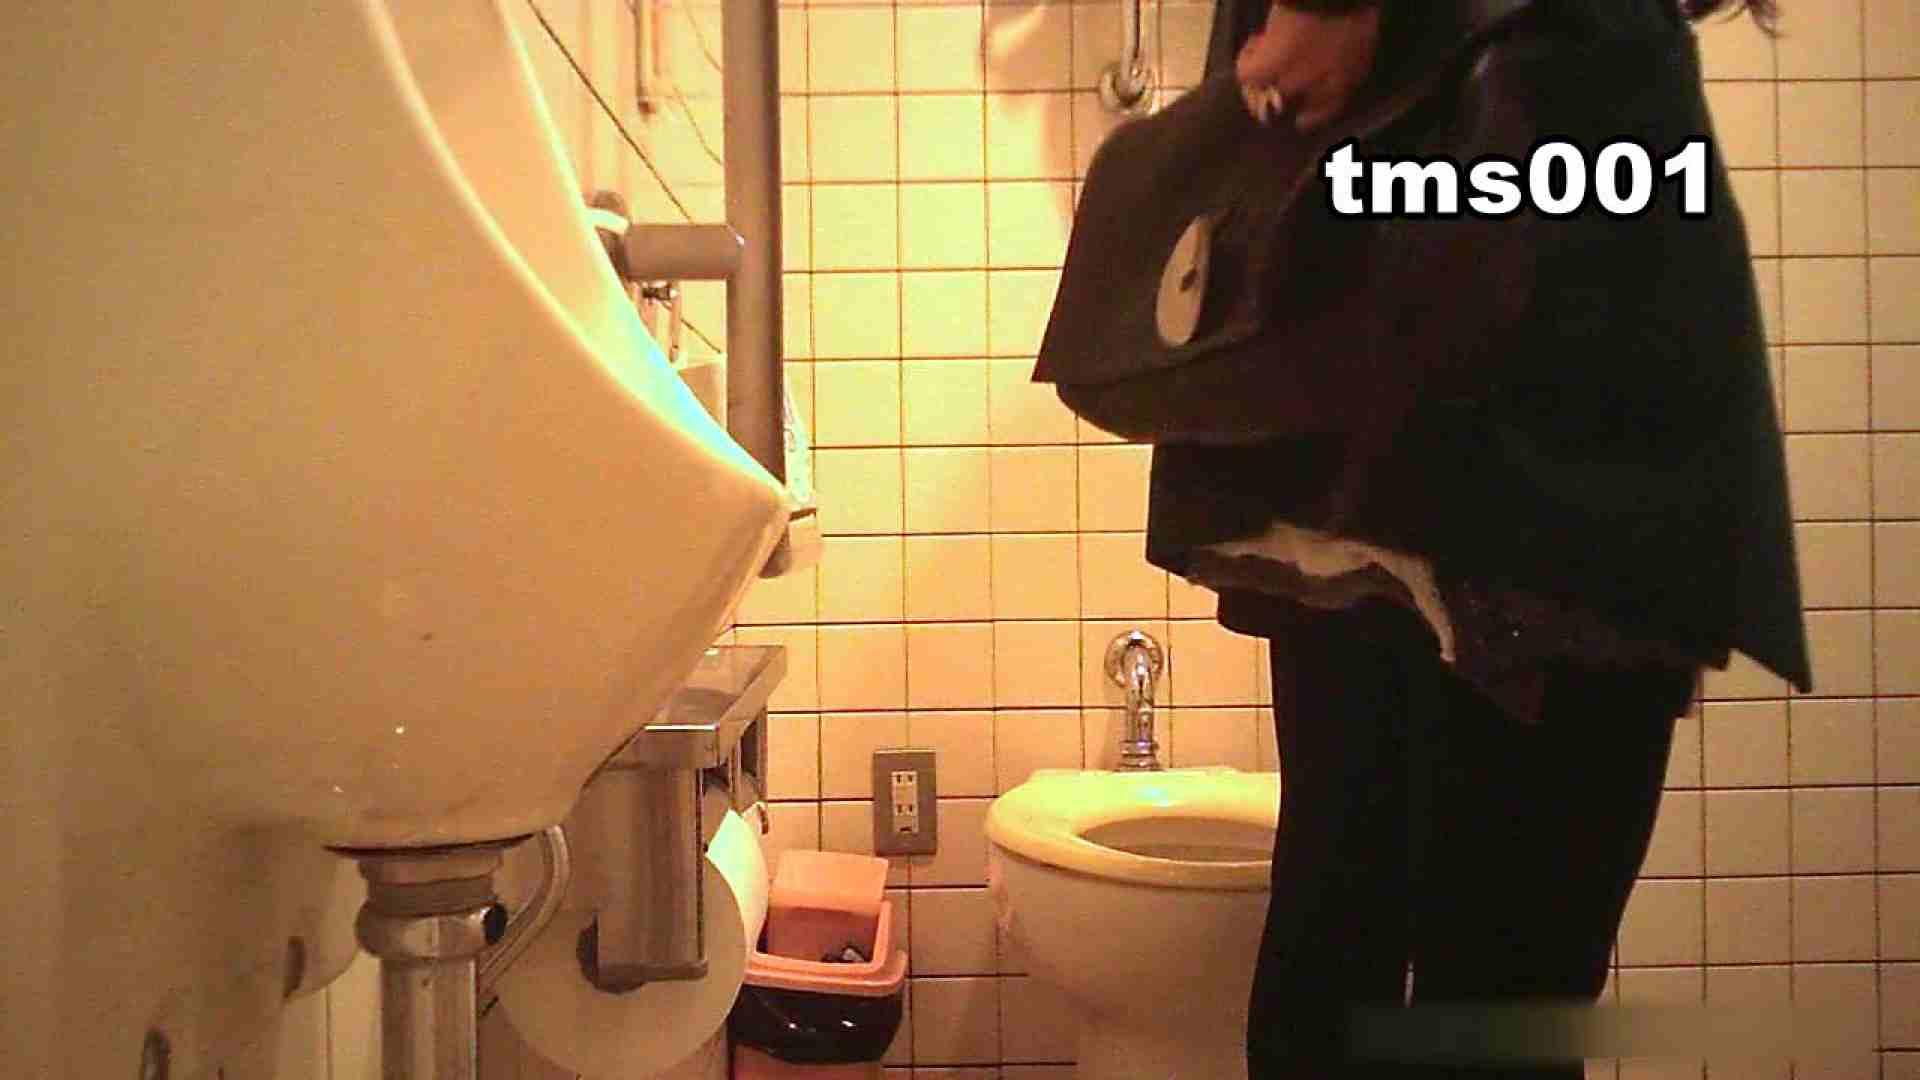 トイメンの割れ目 vol.001 エッチなお姉さん オメコ無修正動画無料 91画像 38